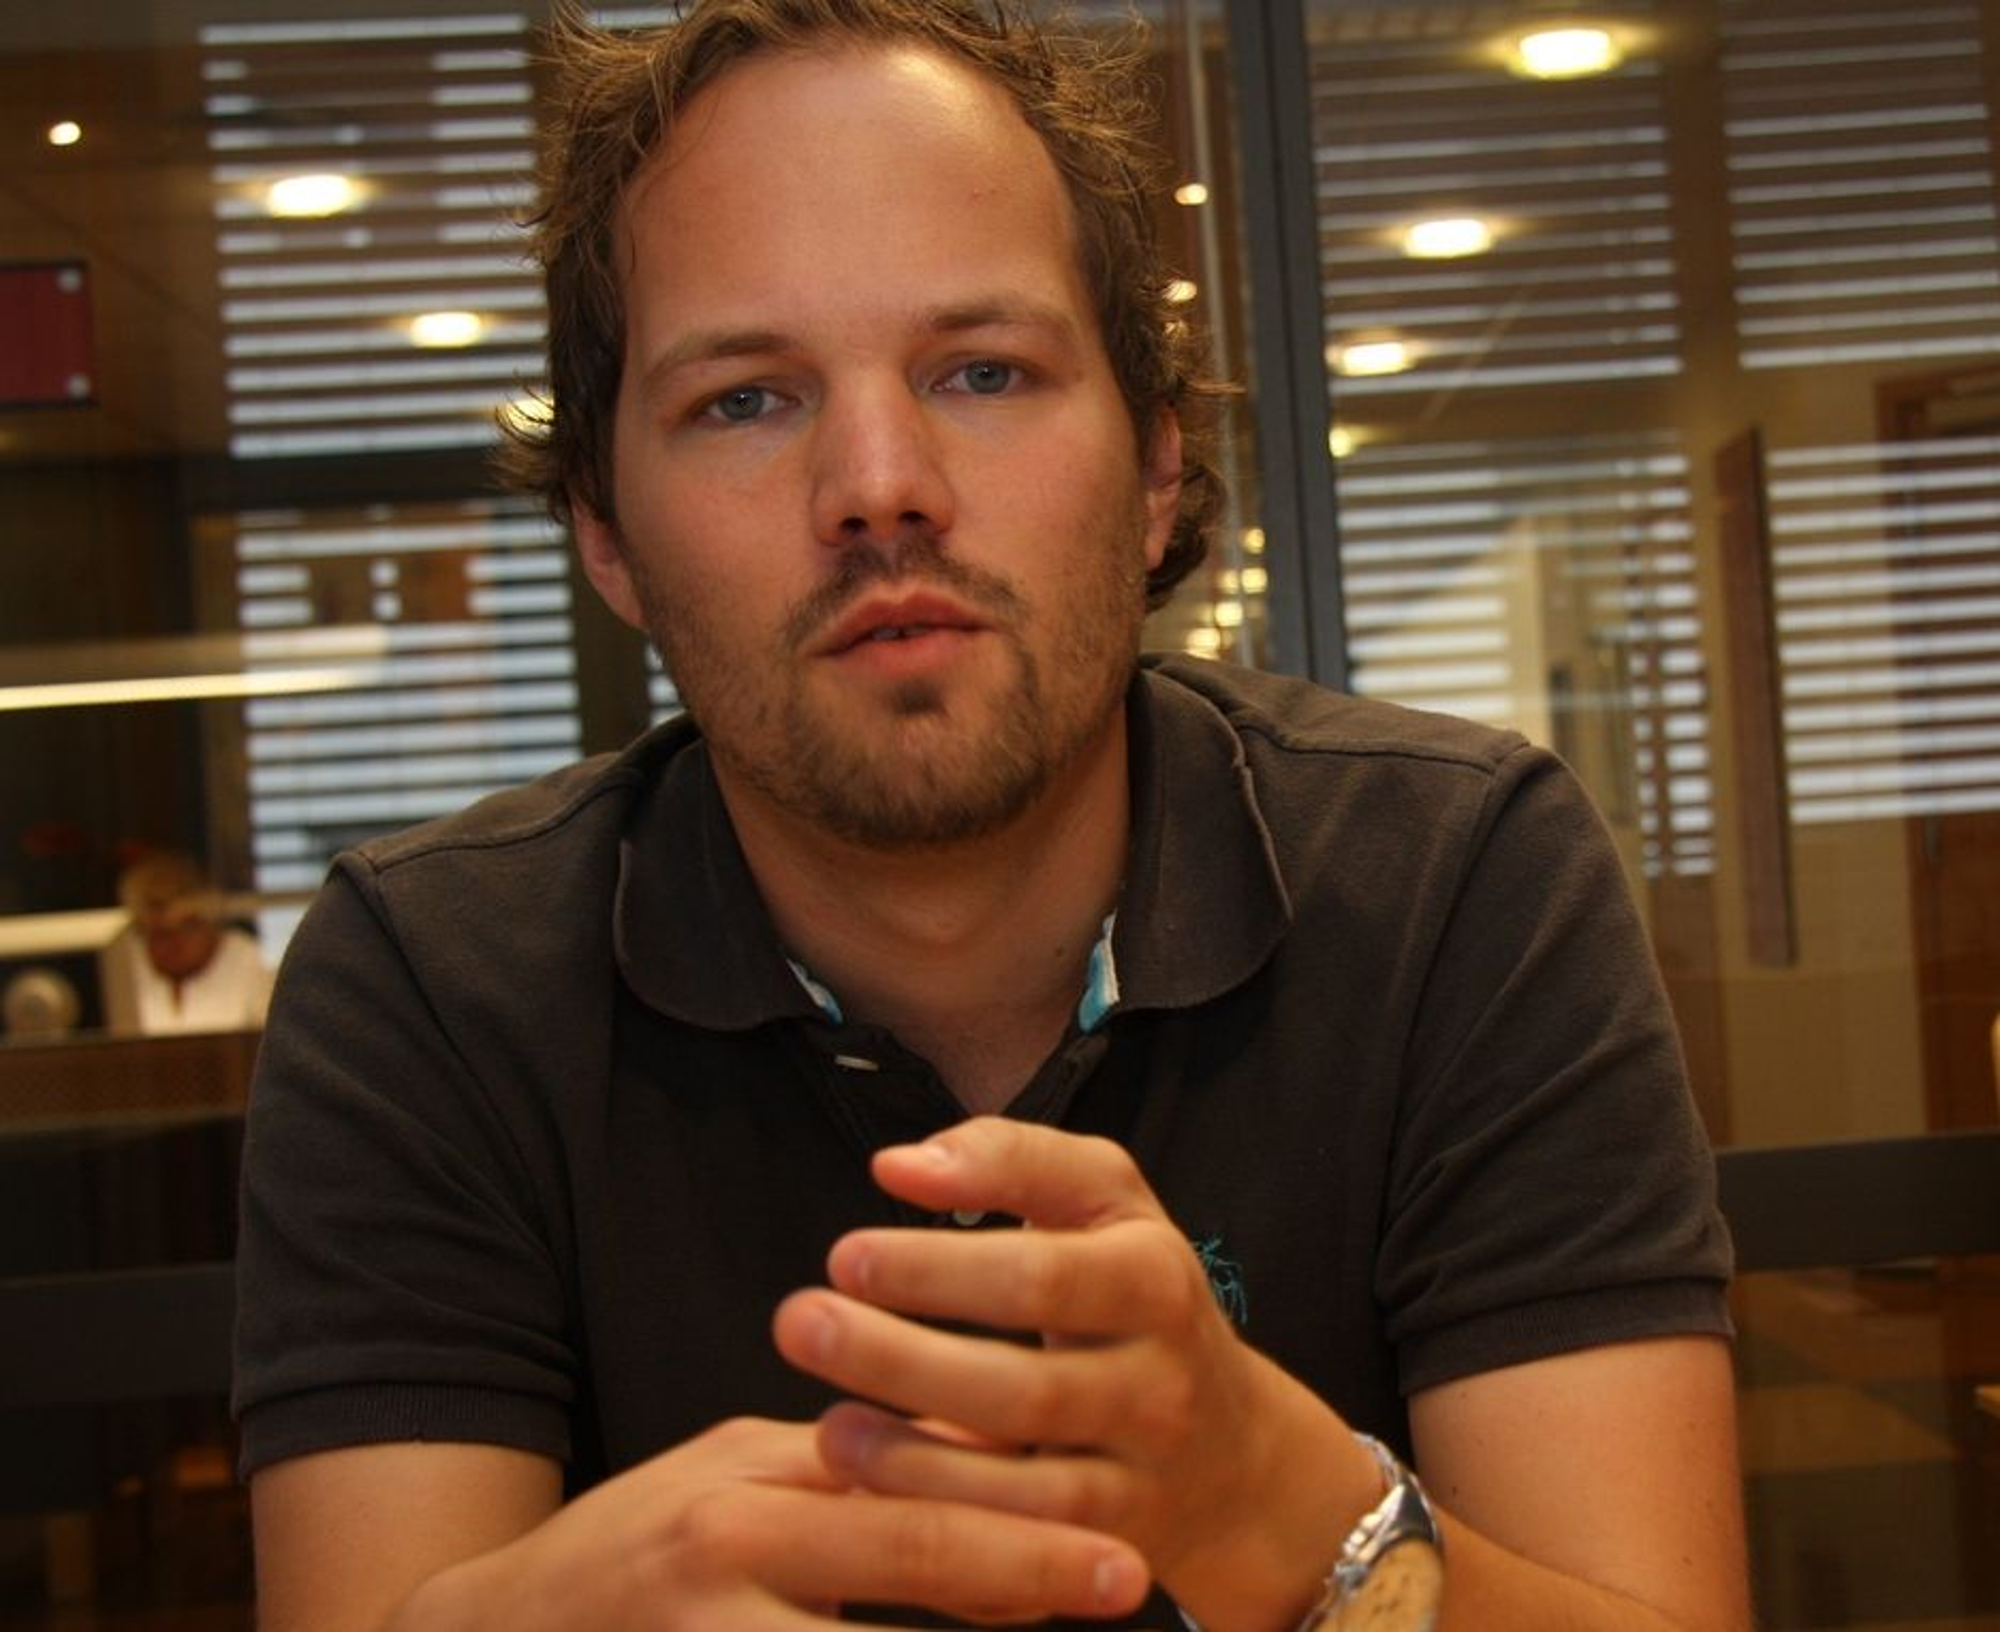 SKEPTISK: Sjefene er skeptiske til å dele smarte løsninger som er basert på åpen kildekode, sier Accentures ekspert Morten Andersen-Gott.